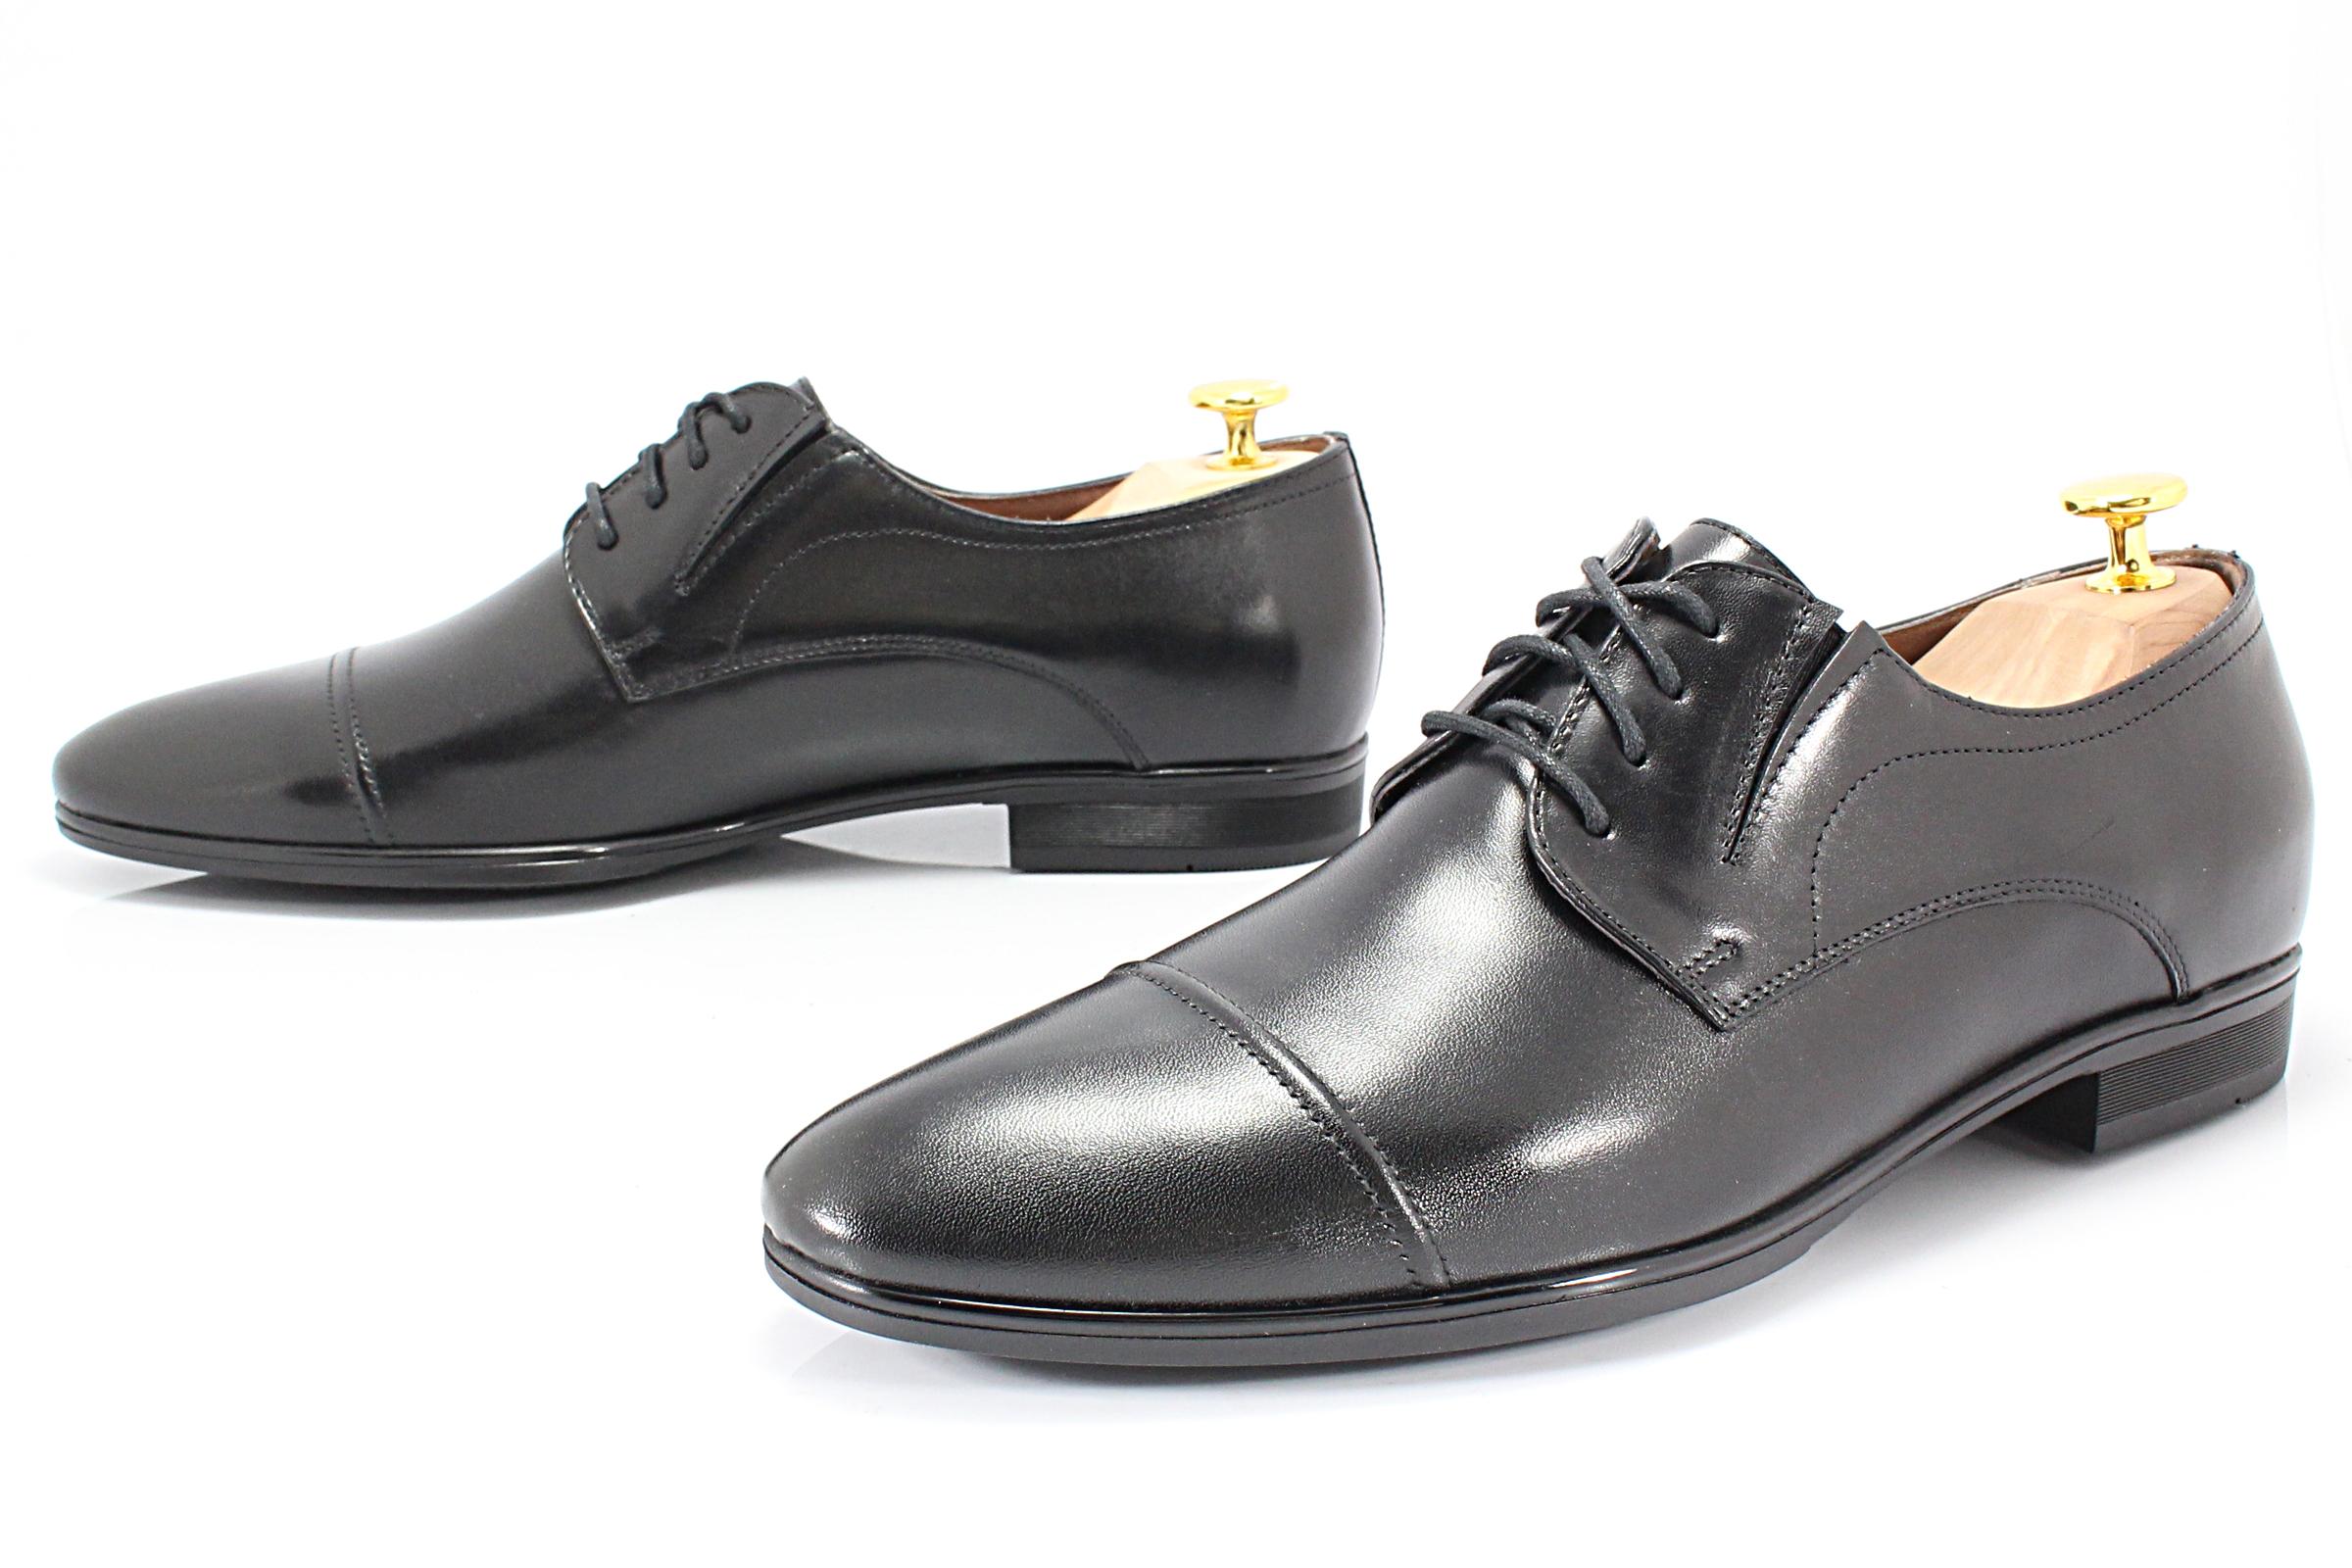 c6fd58c1 NORD 8403 CZARNE - Klasyczne buty wizytowe - Sklep Obuwniczy KENT